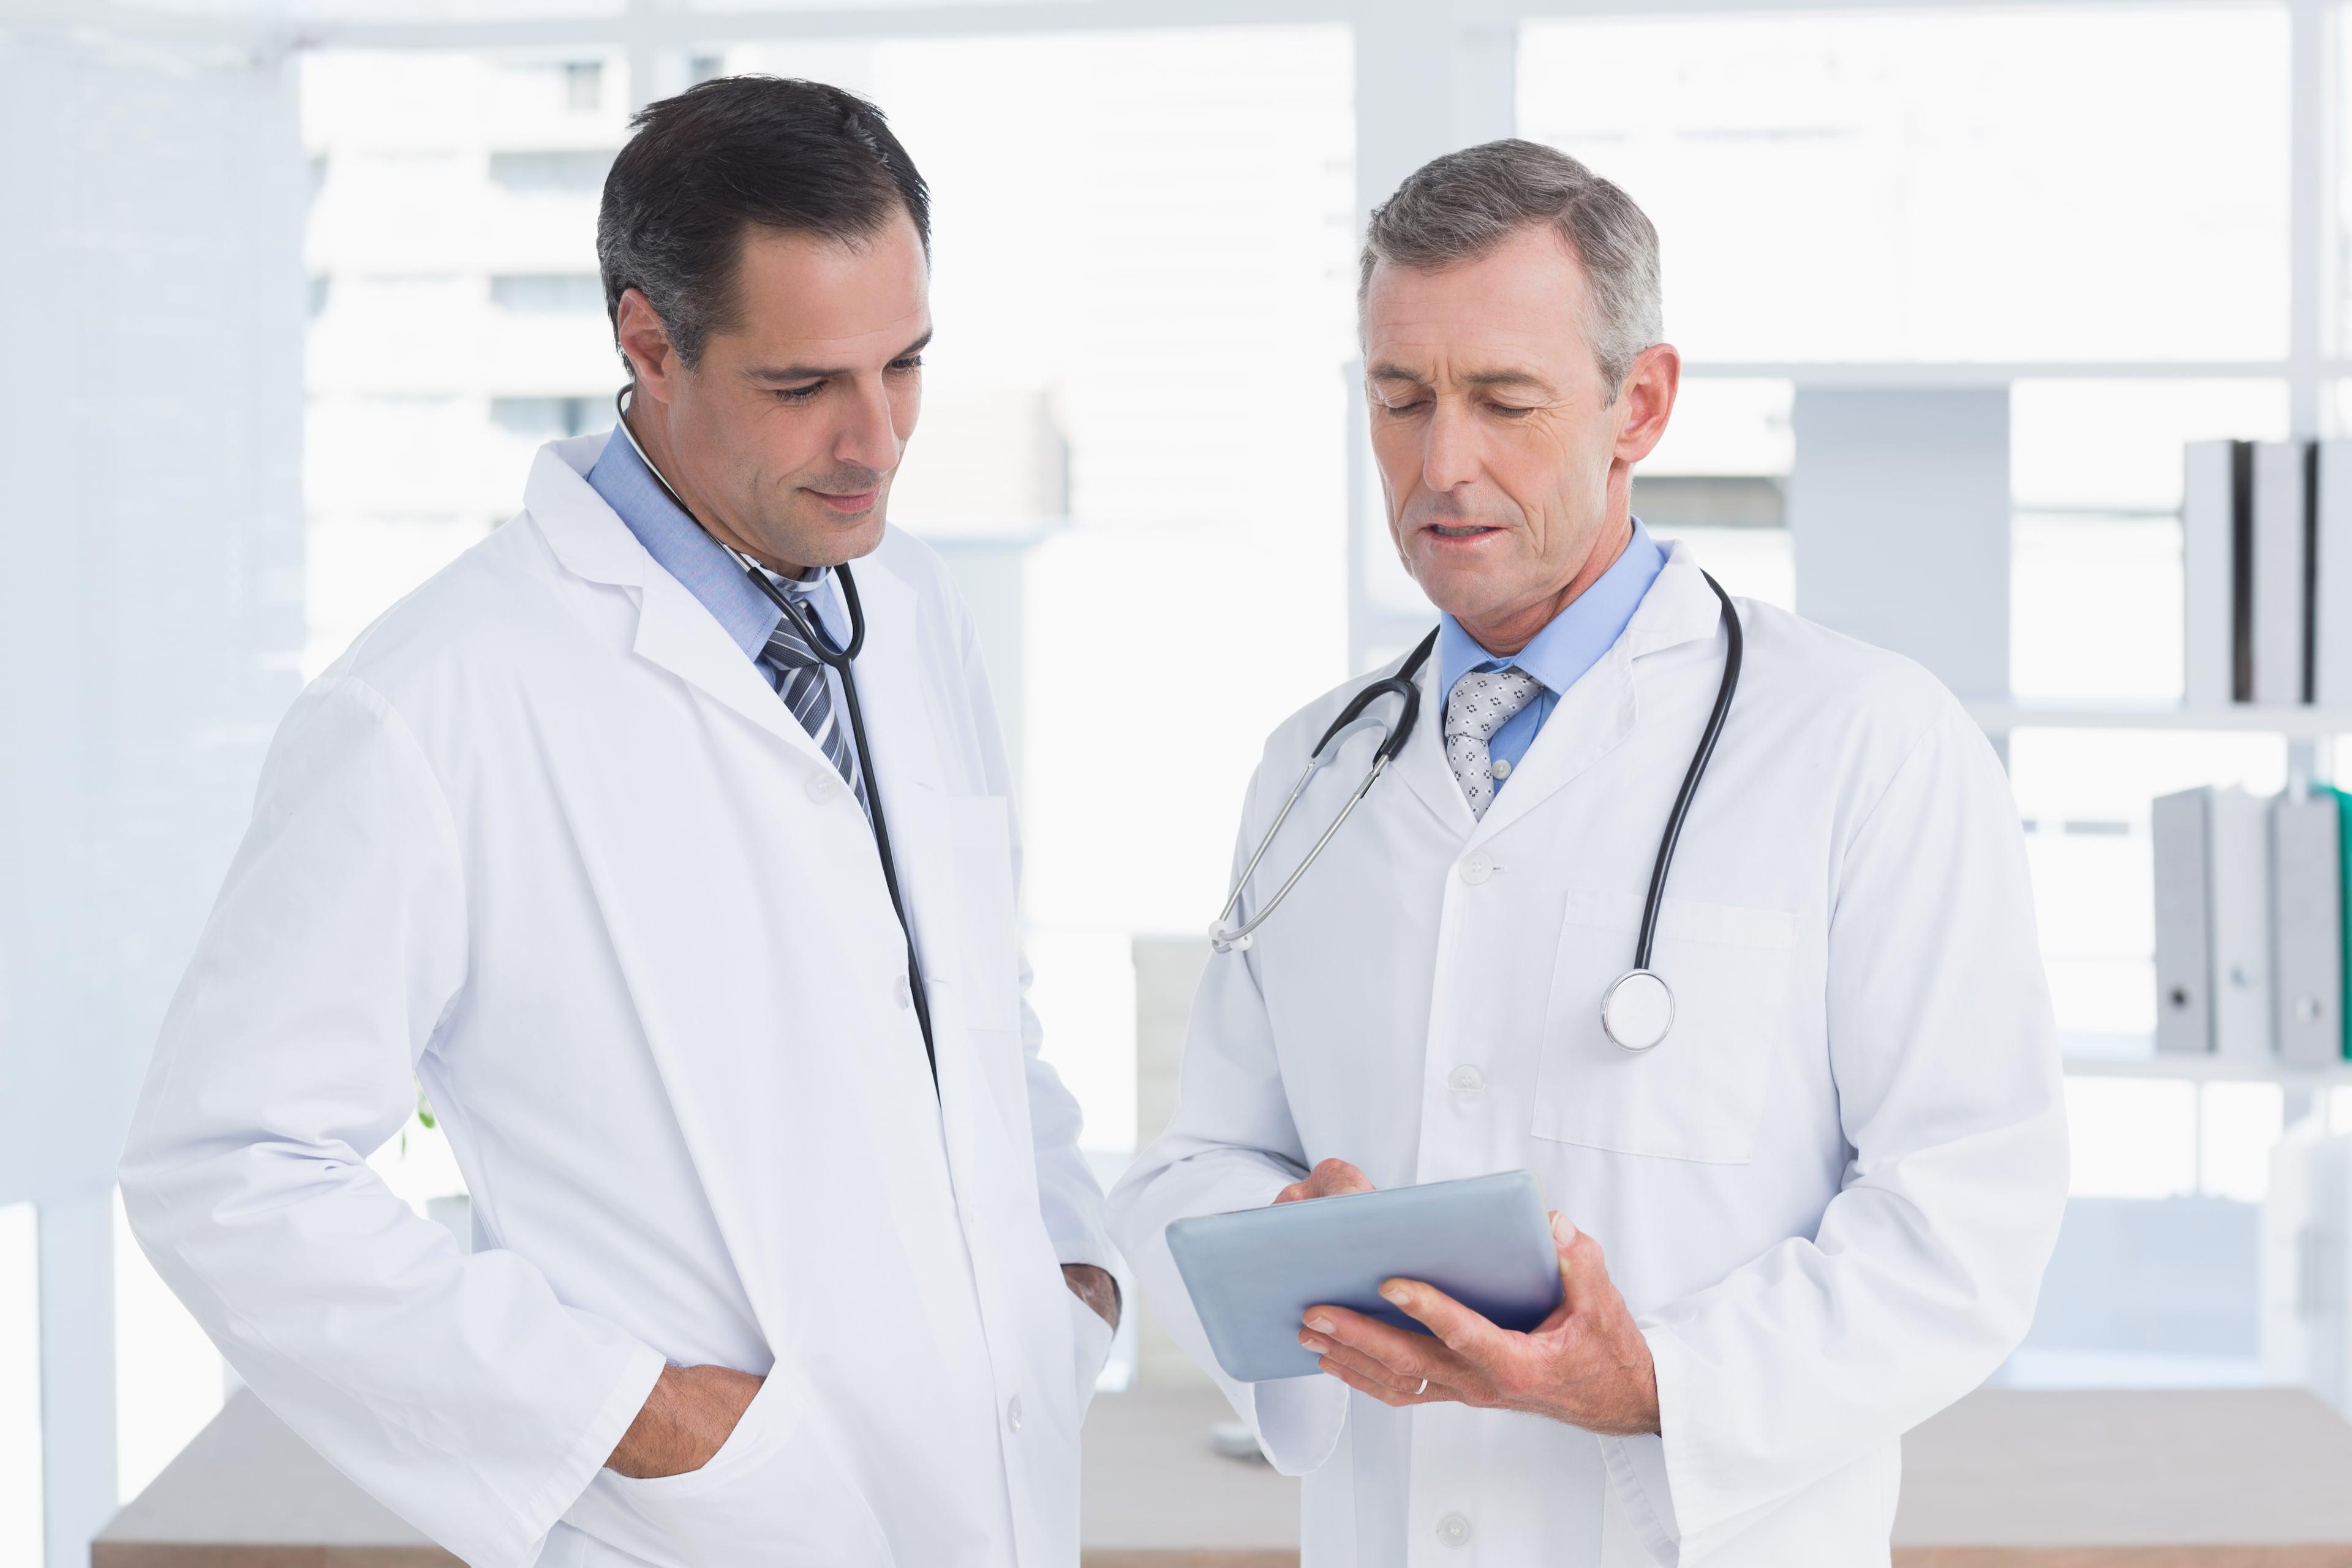 врачи что-то обсуждают